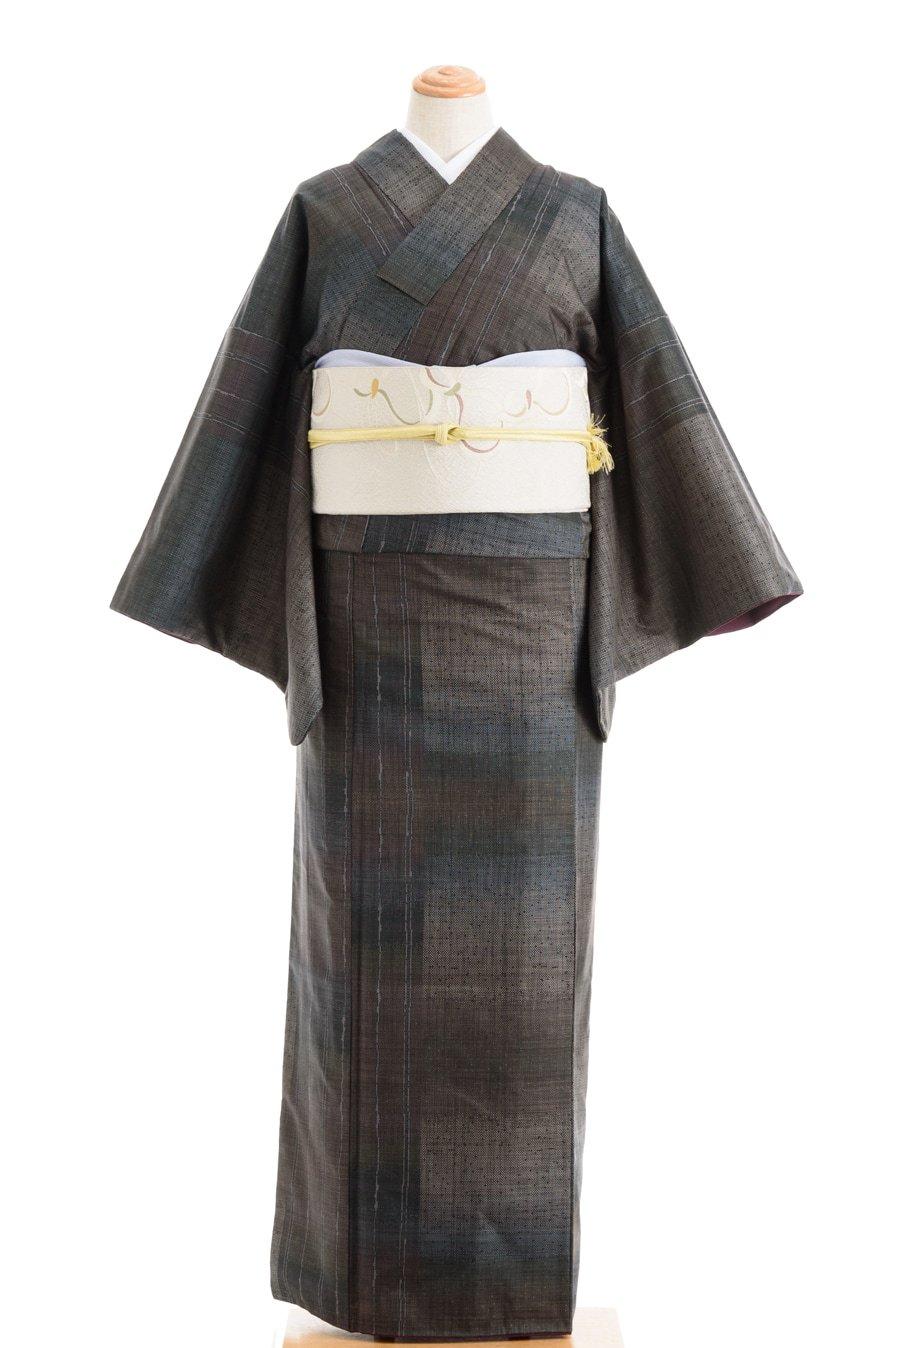 「大島紬 格子と縞」の商品画像